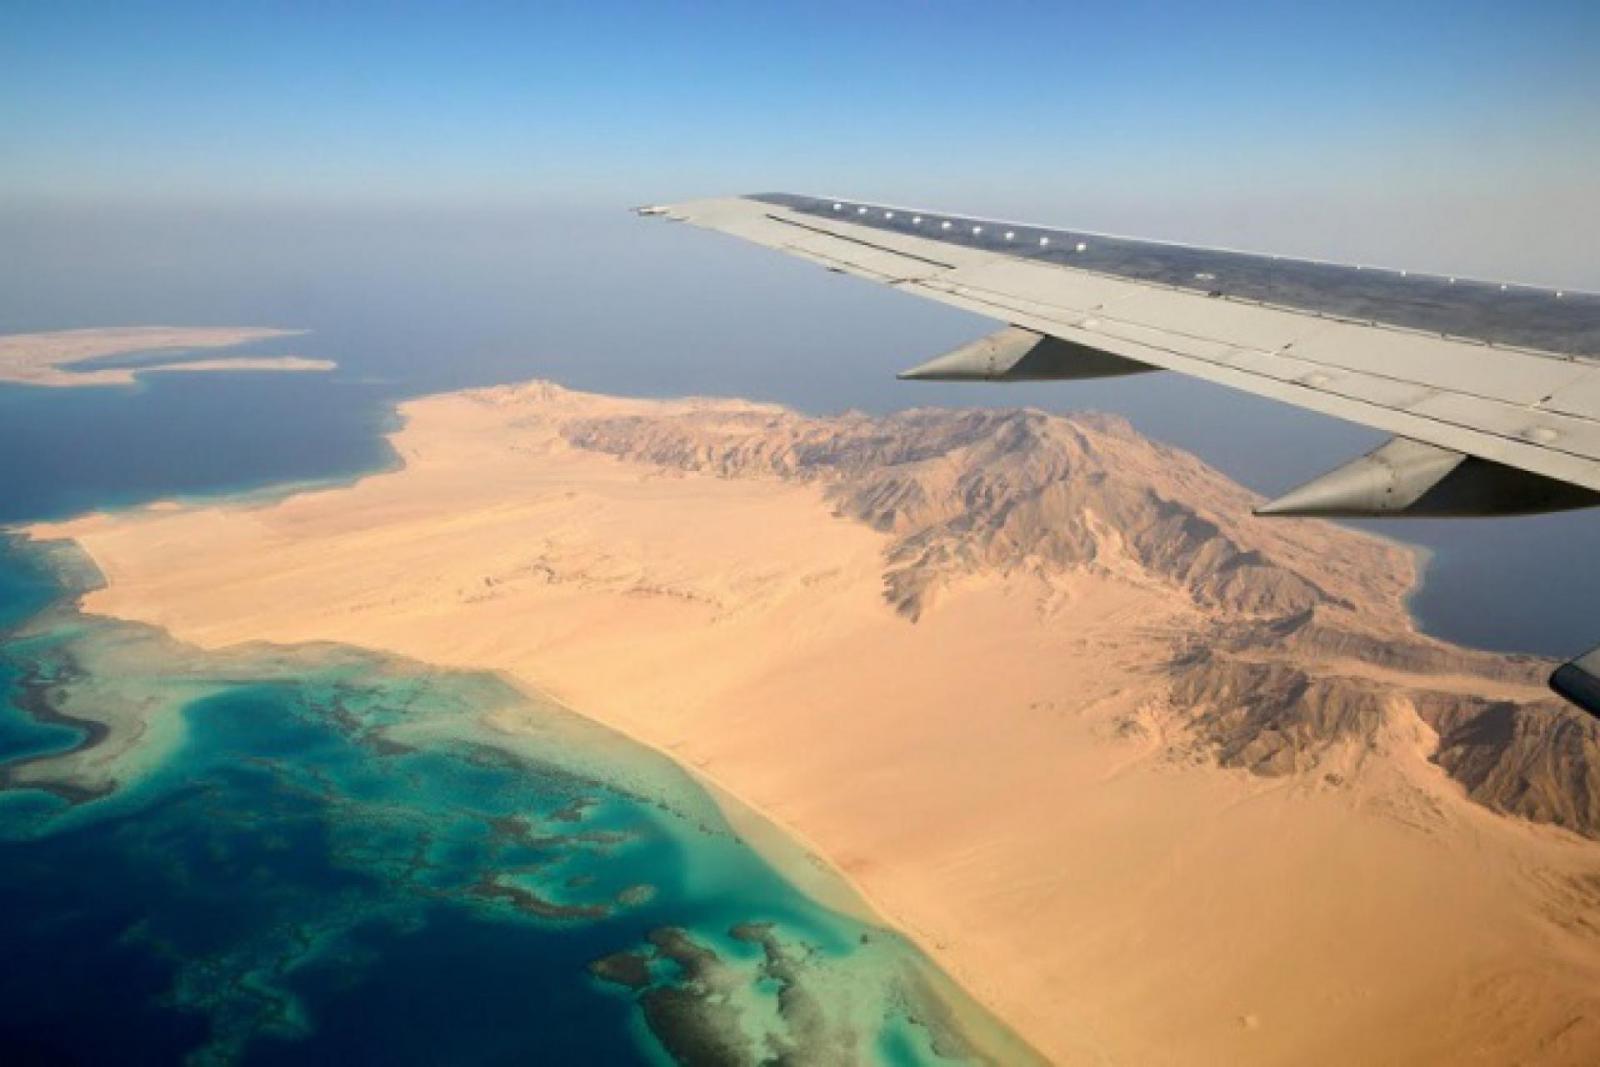 Египет надеется самолеты из России в Шарм-эш-Шейх и Хургаду до конца года